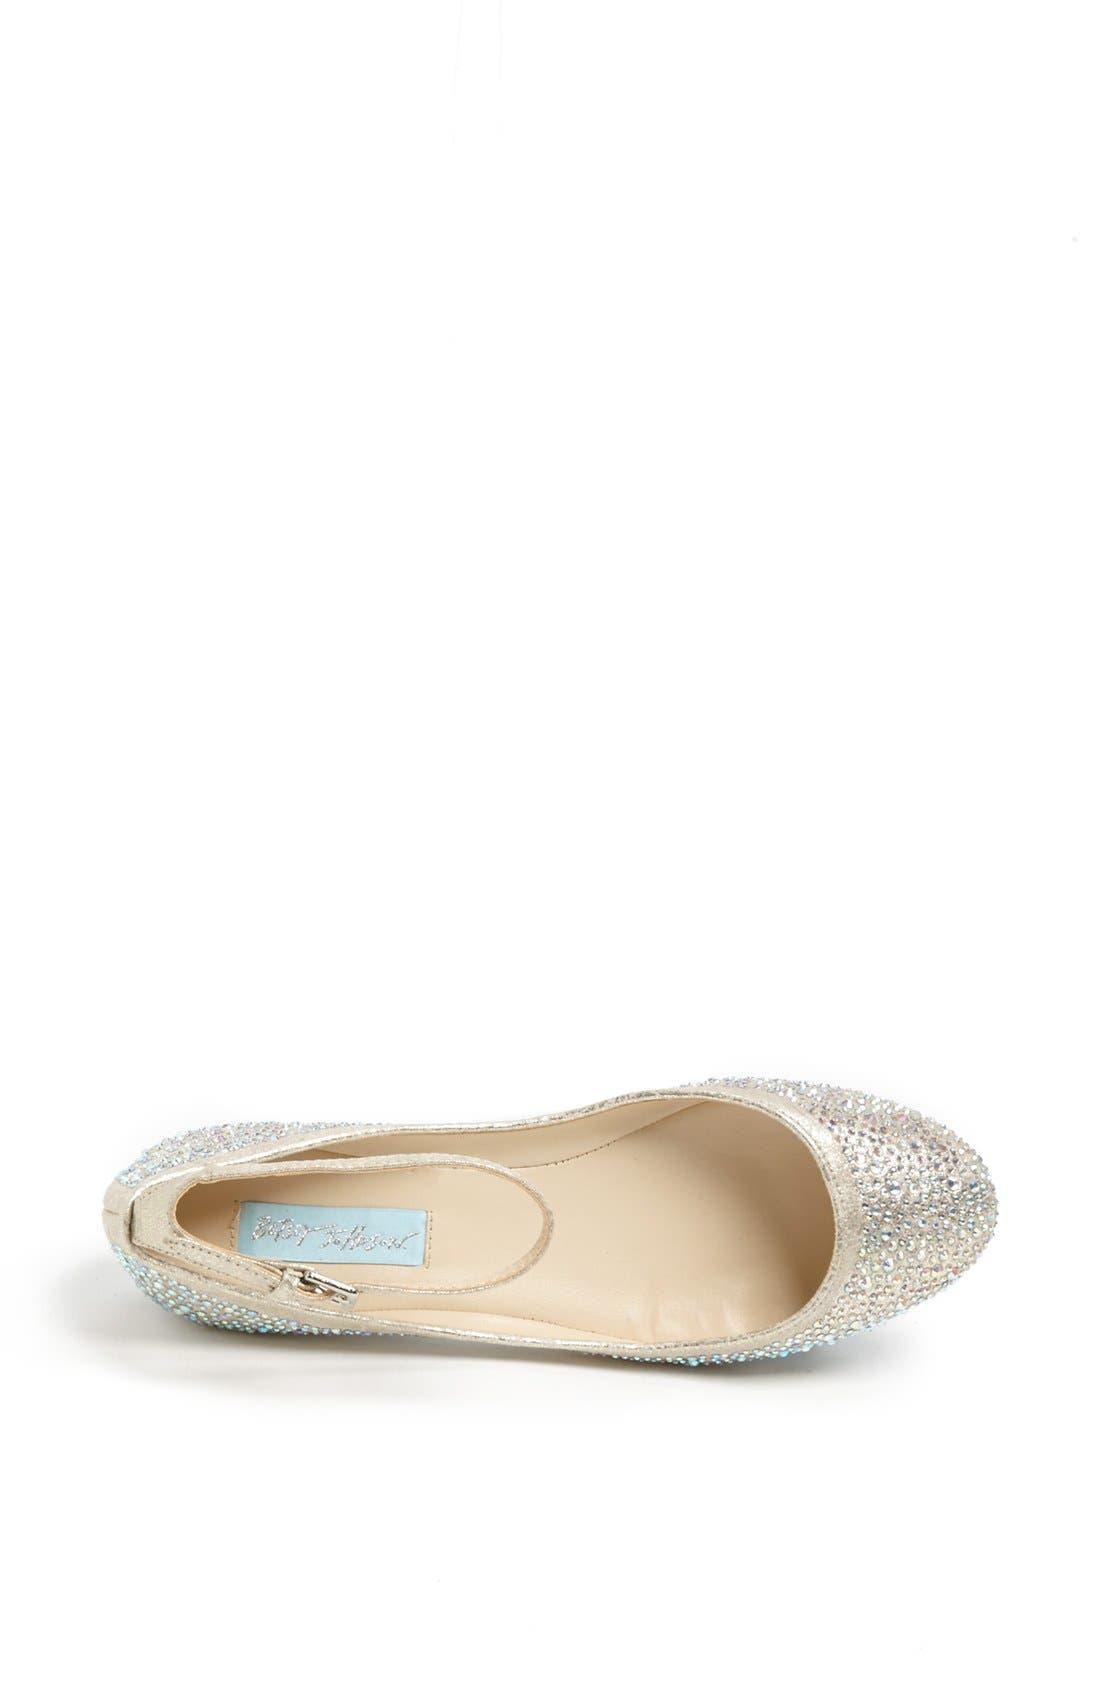 Alternate Image 3  - Betsey Johnson 'Joy' Ankle Strap Crystal Embellished Flat